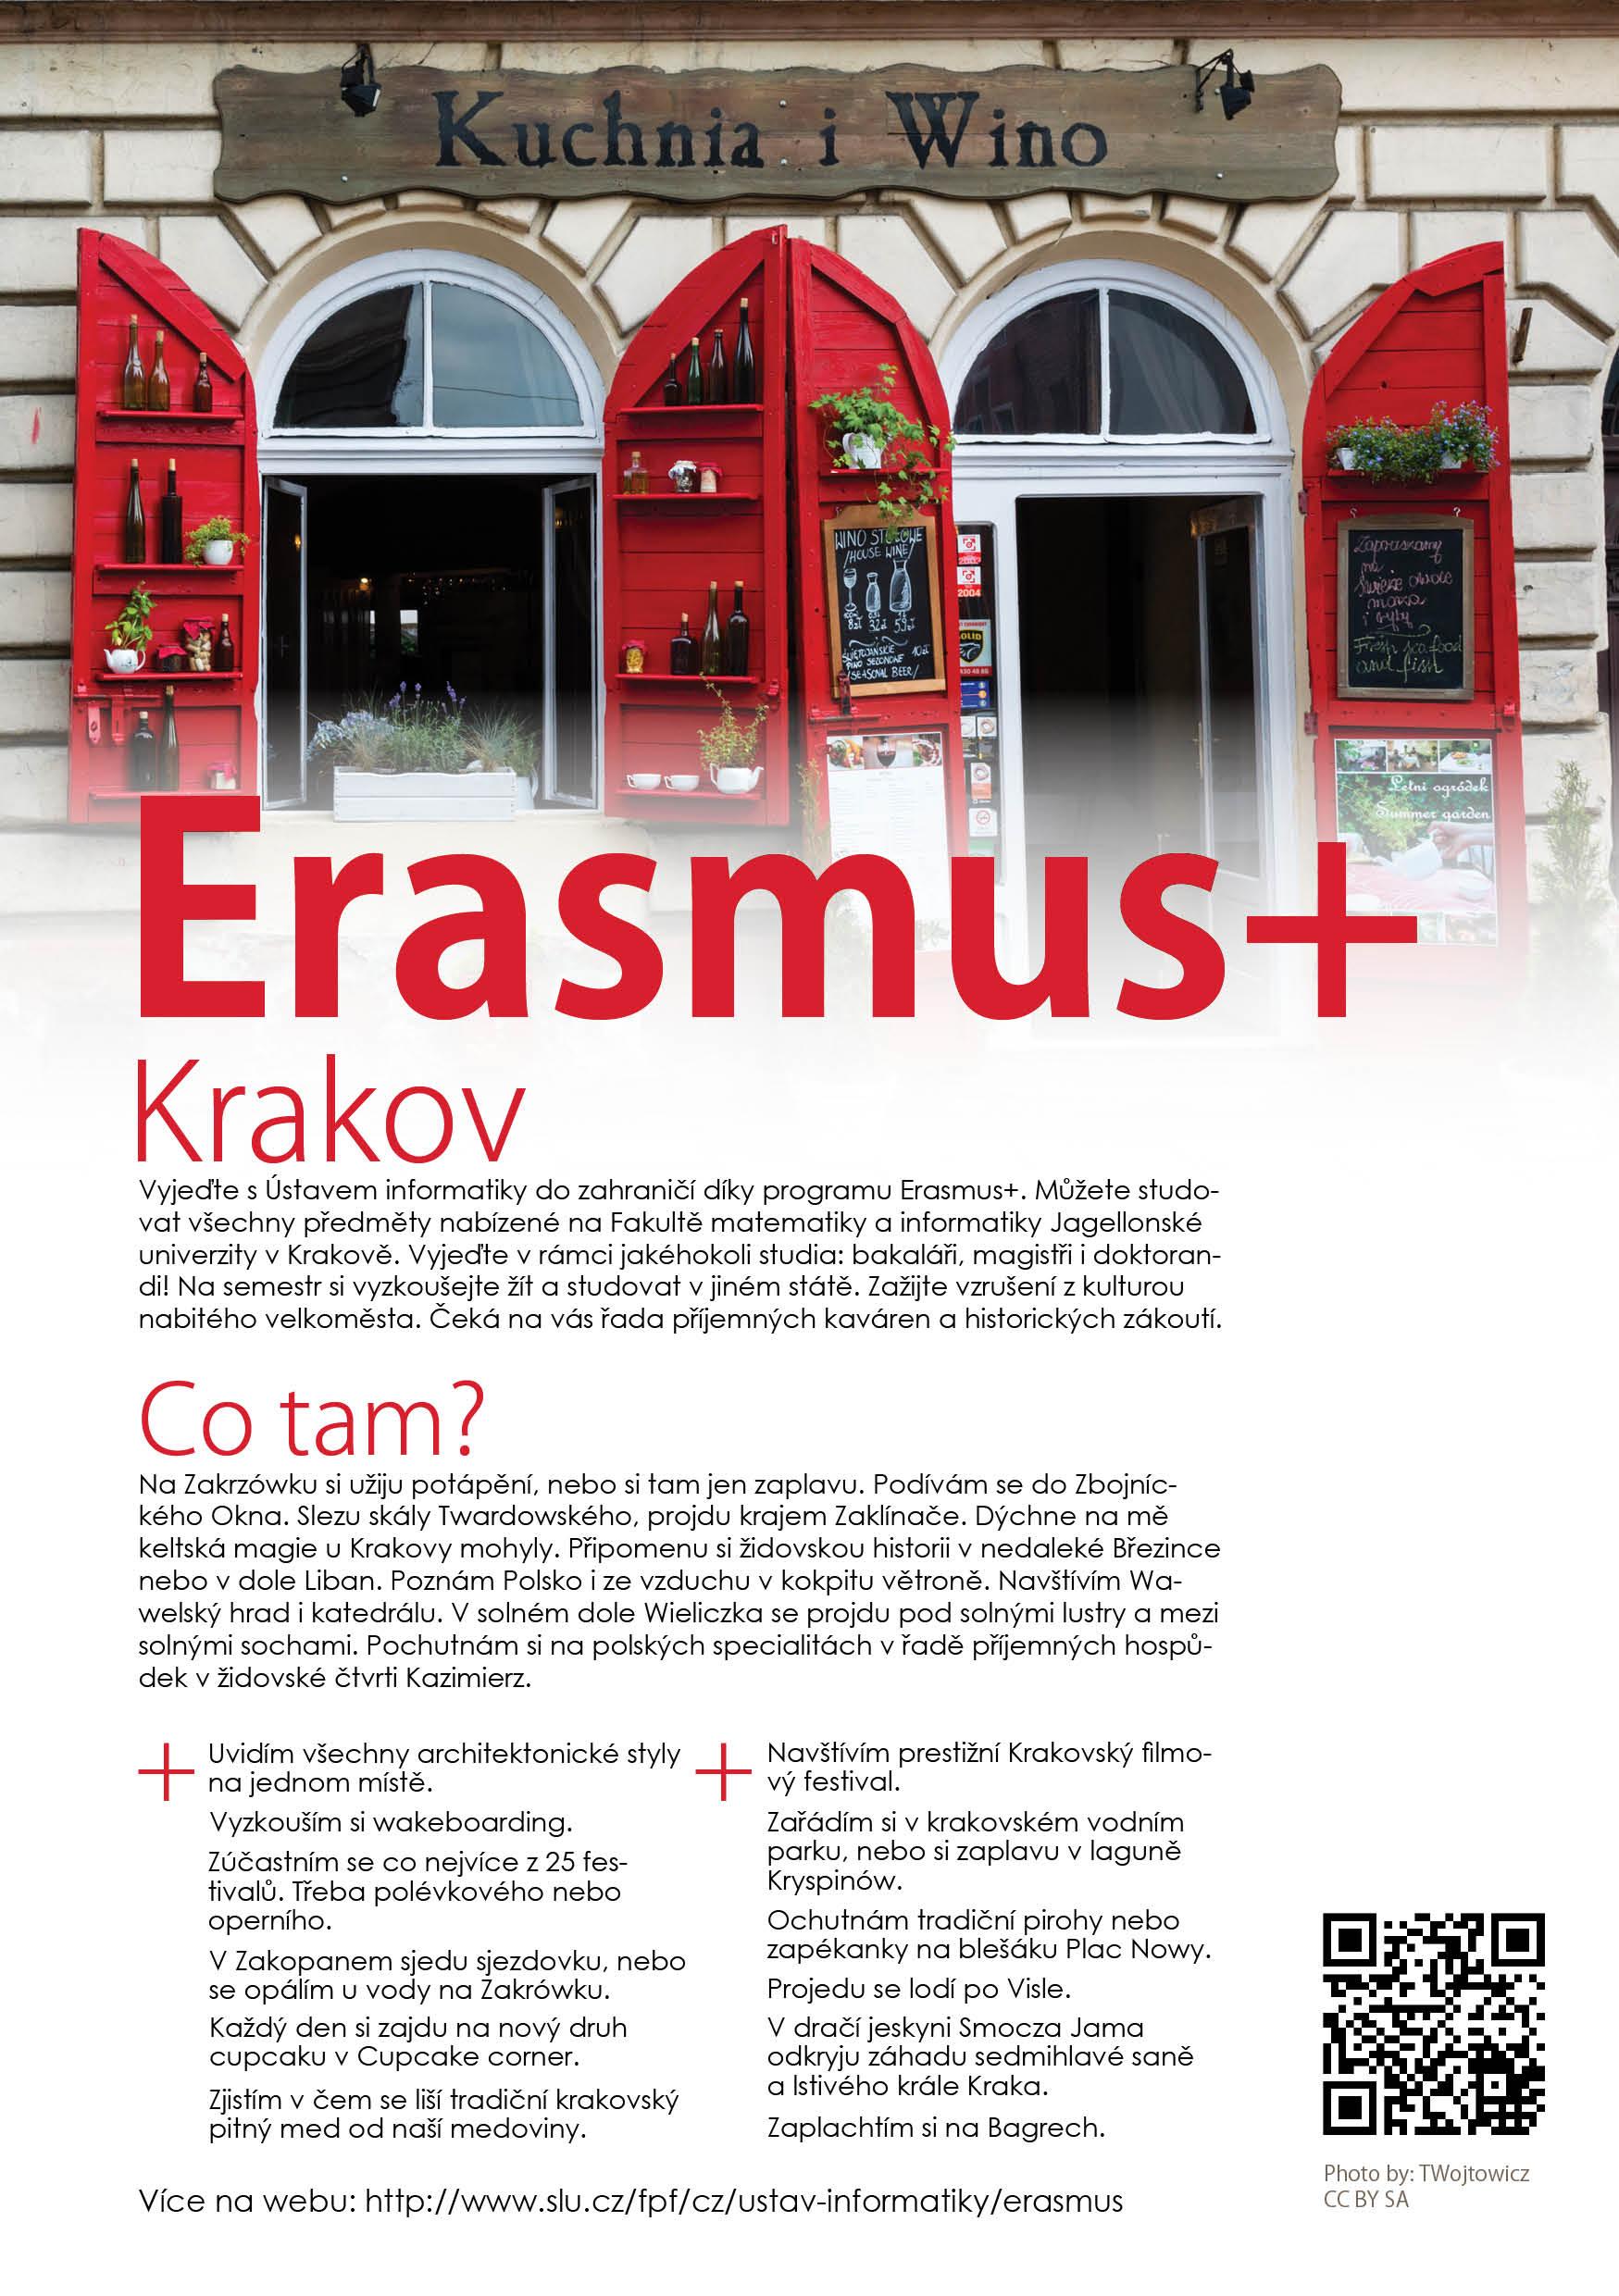 Erasmus - Kraków